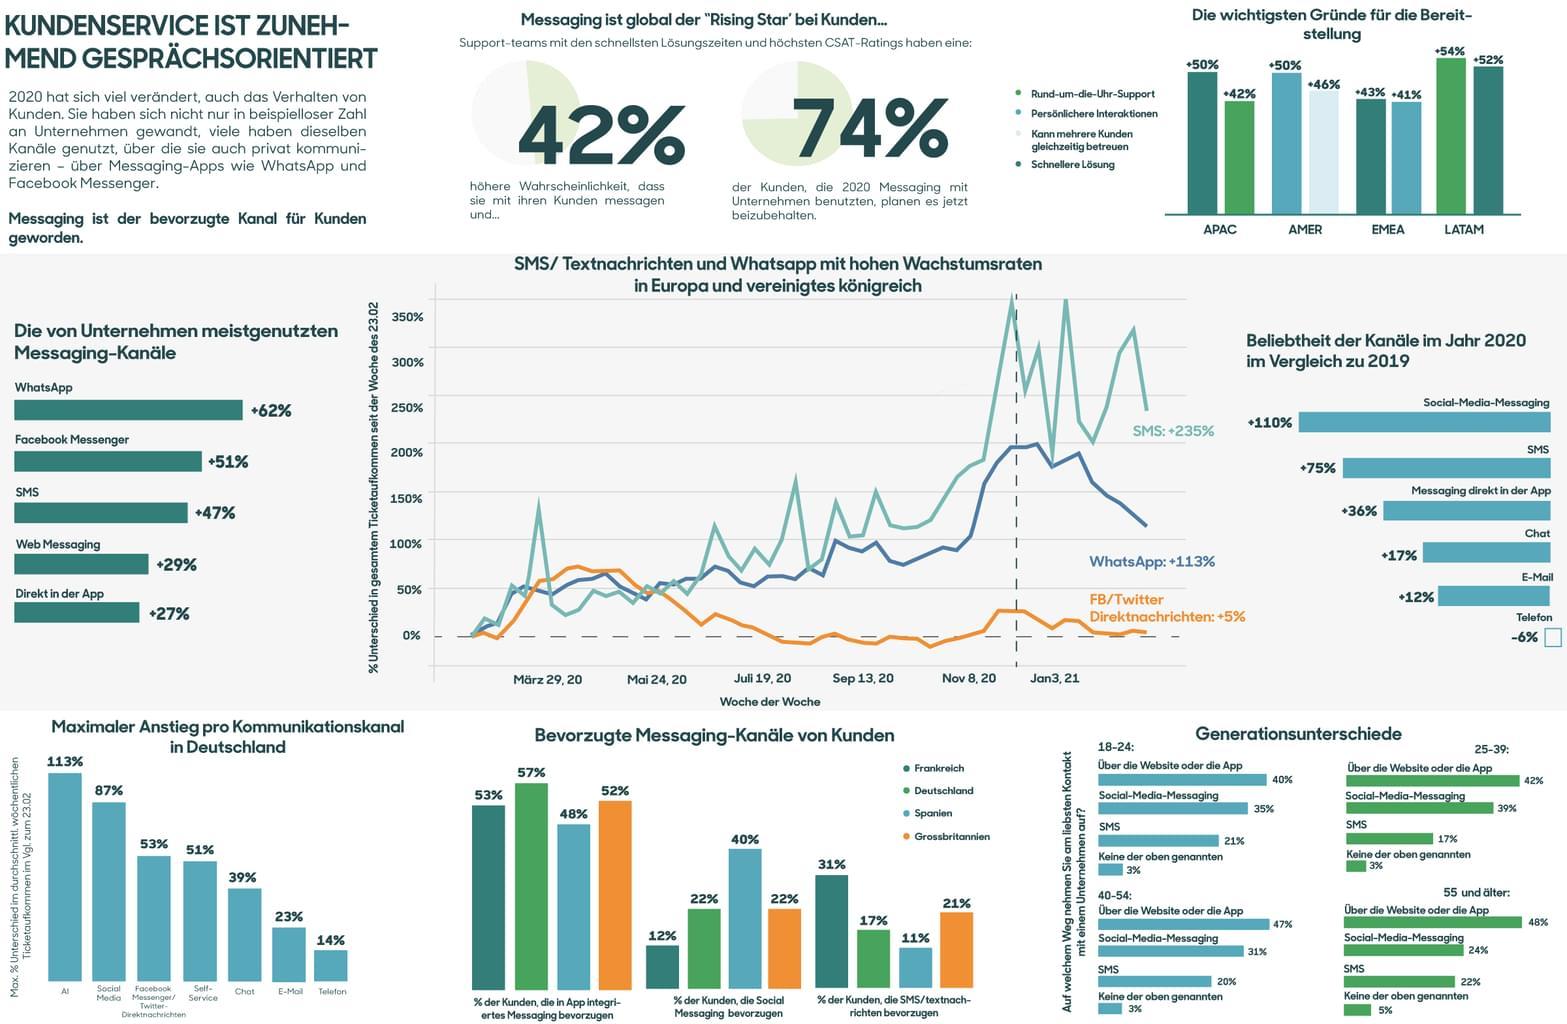 Infografik: Kundenservice ist zunehmend gesprächsorientiert